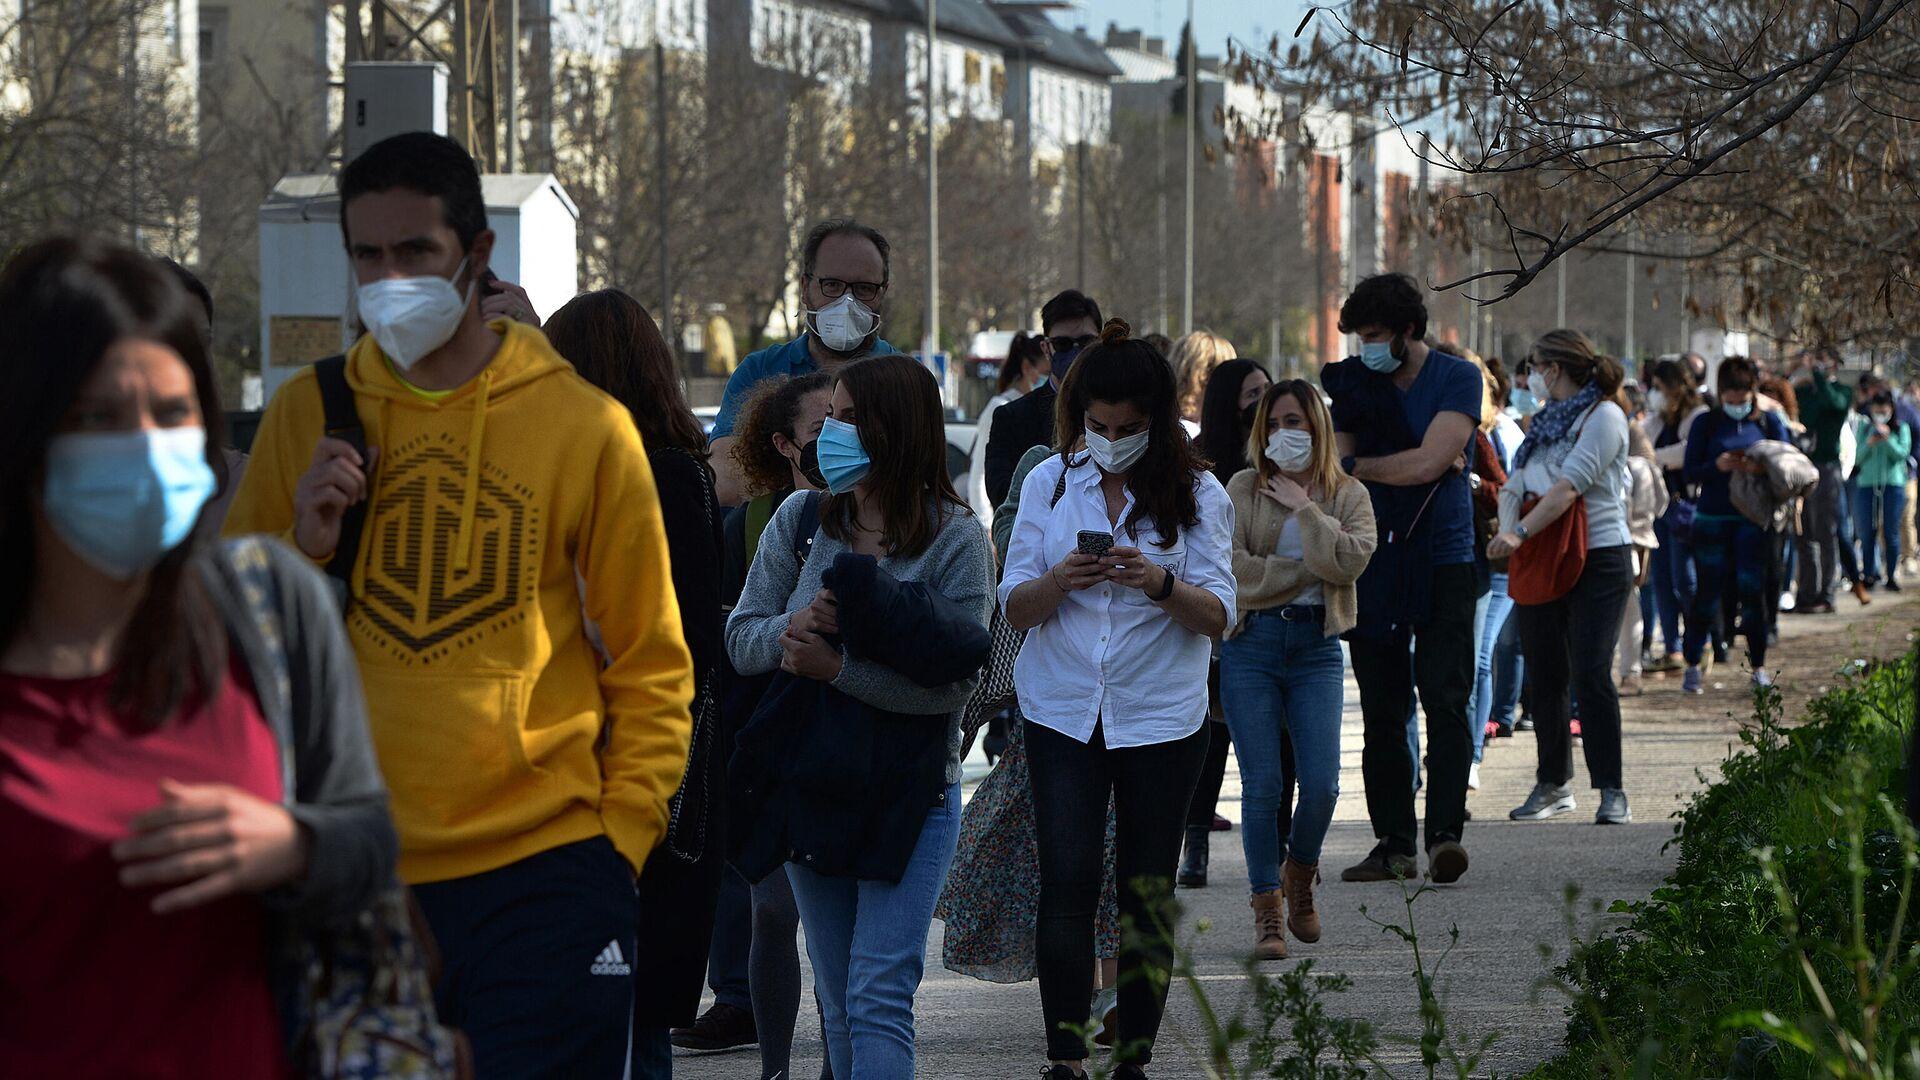 Docentes universitarios hacen cola para vacunarse en Sevilla - Sputnik Mundo, 1920, 23.03.2021